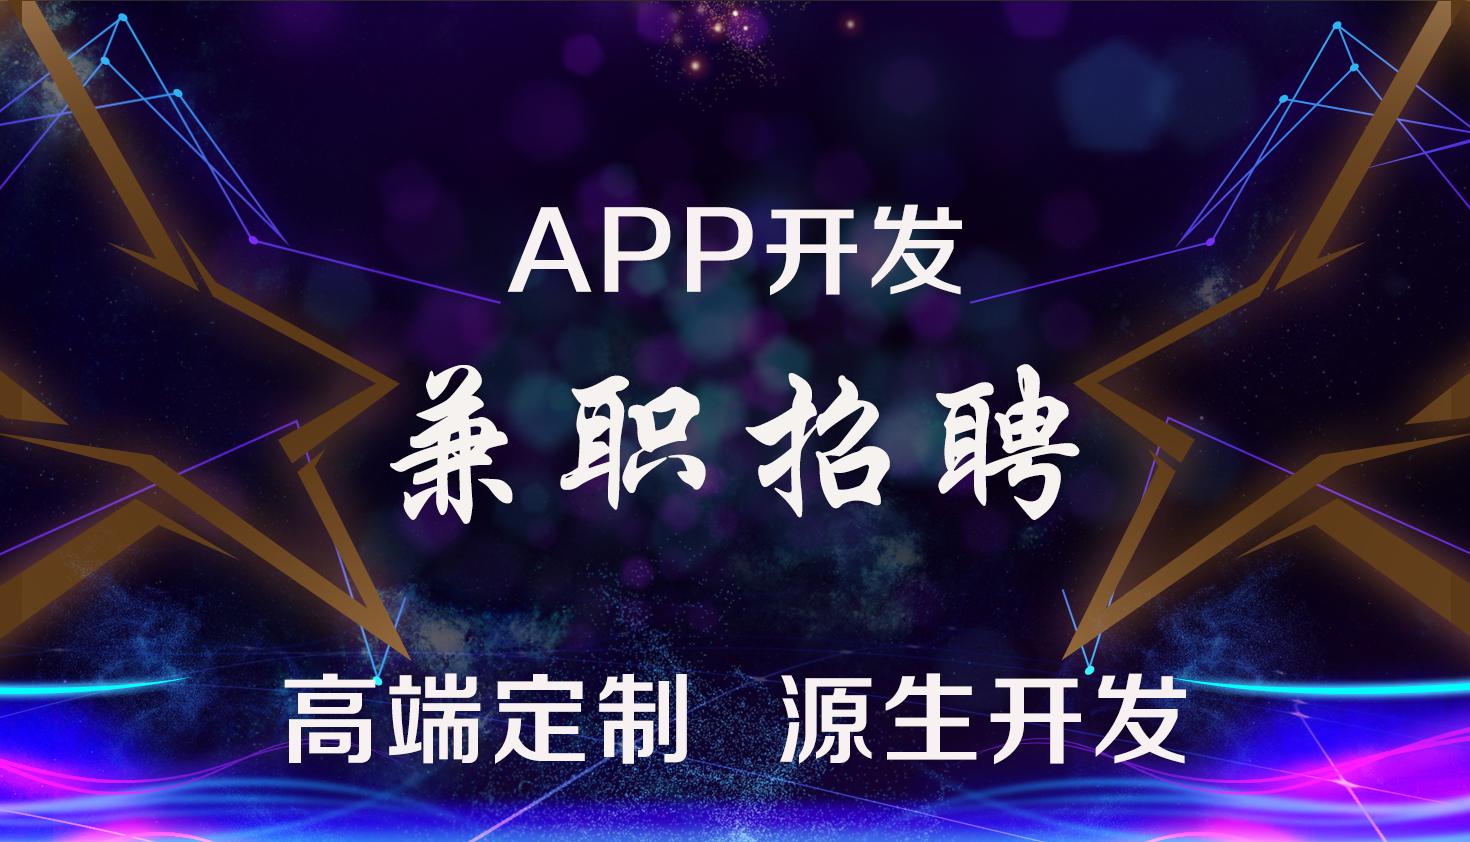 移动端开发,天津北京手机APP开发,源生开发兼职招聘,兼职猫一米兼职,人才招聘